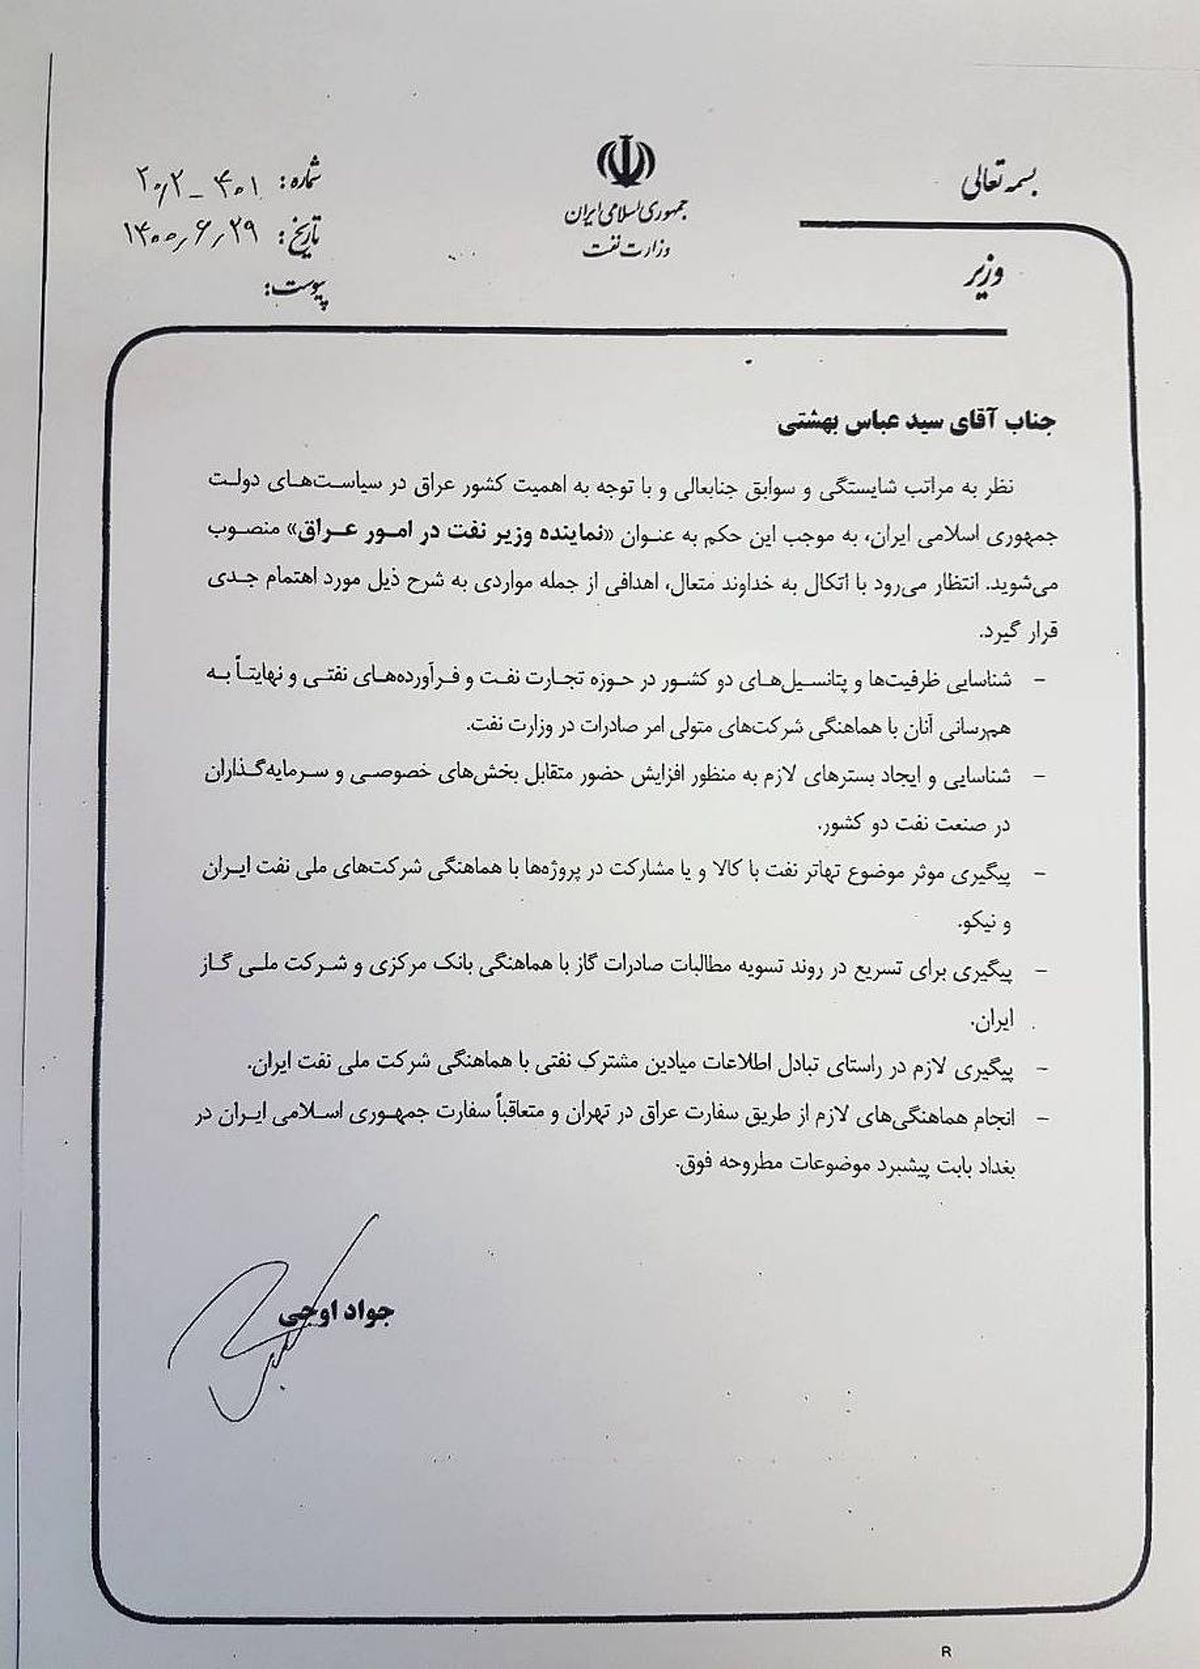 وزیر نفت عباس بهشتی را نماینده خود در امور عراق کرد